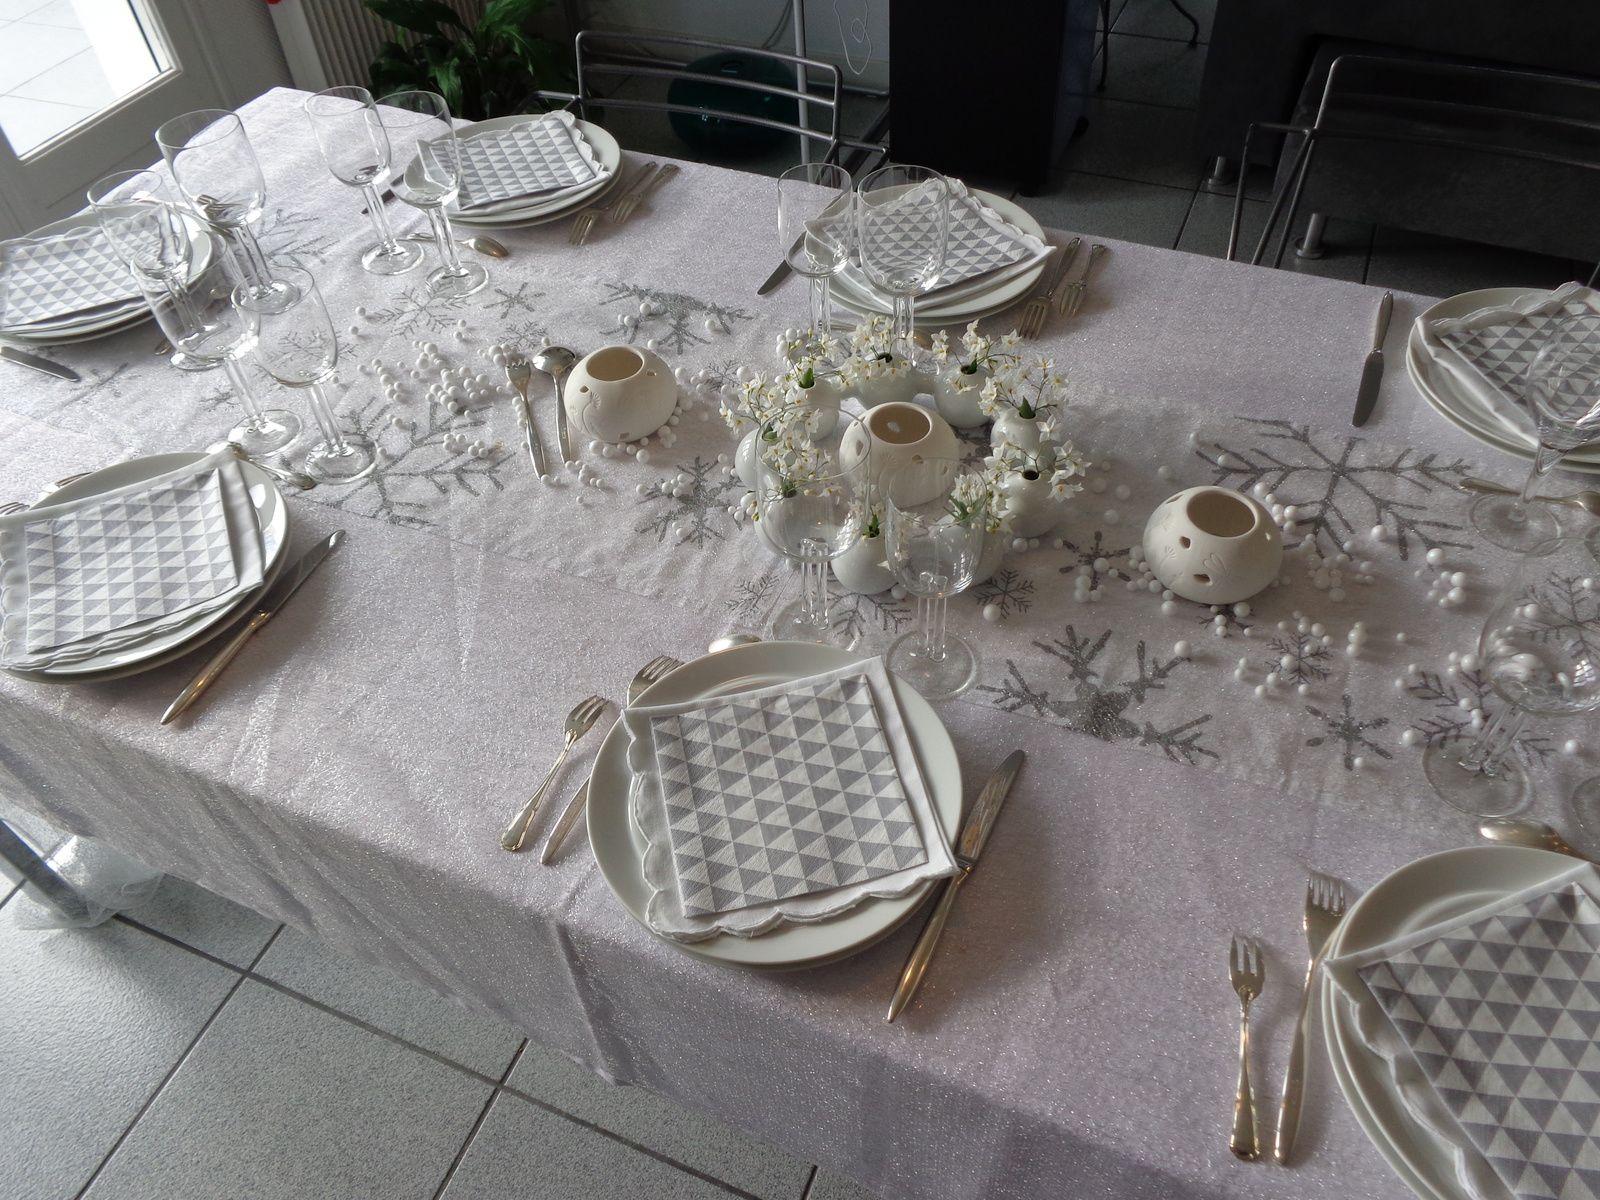 TABLE DE FÊTE POUR NÖEL